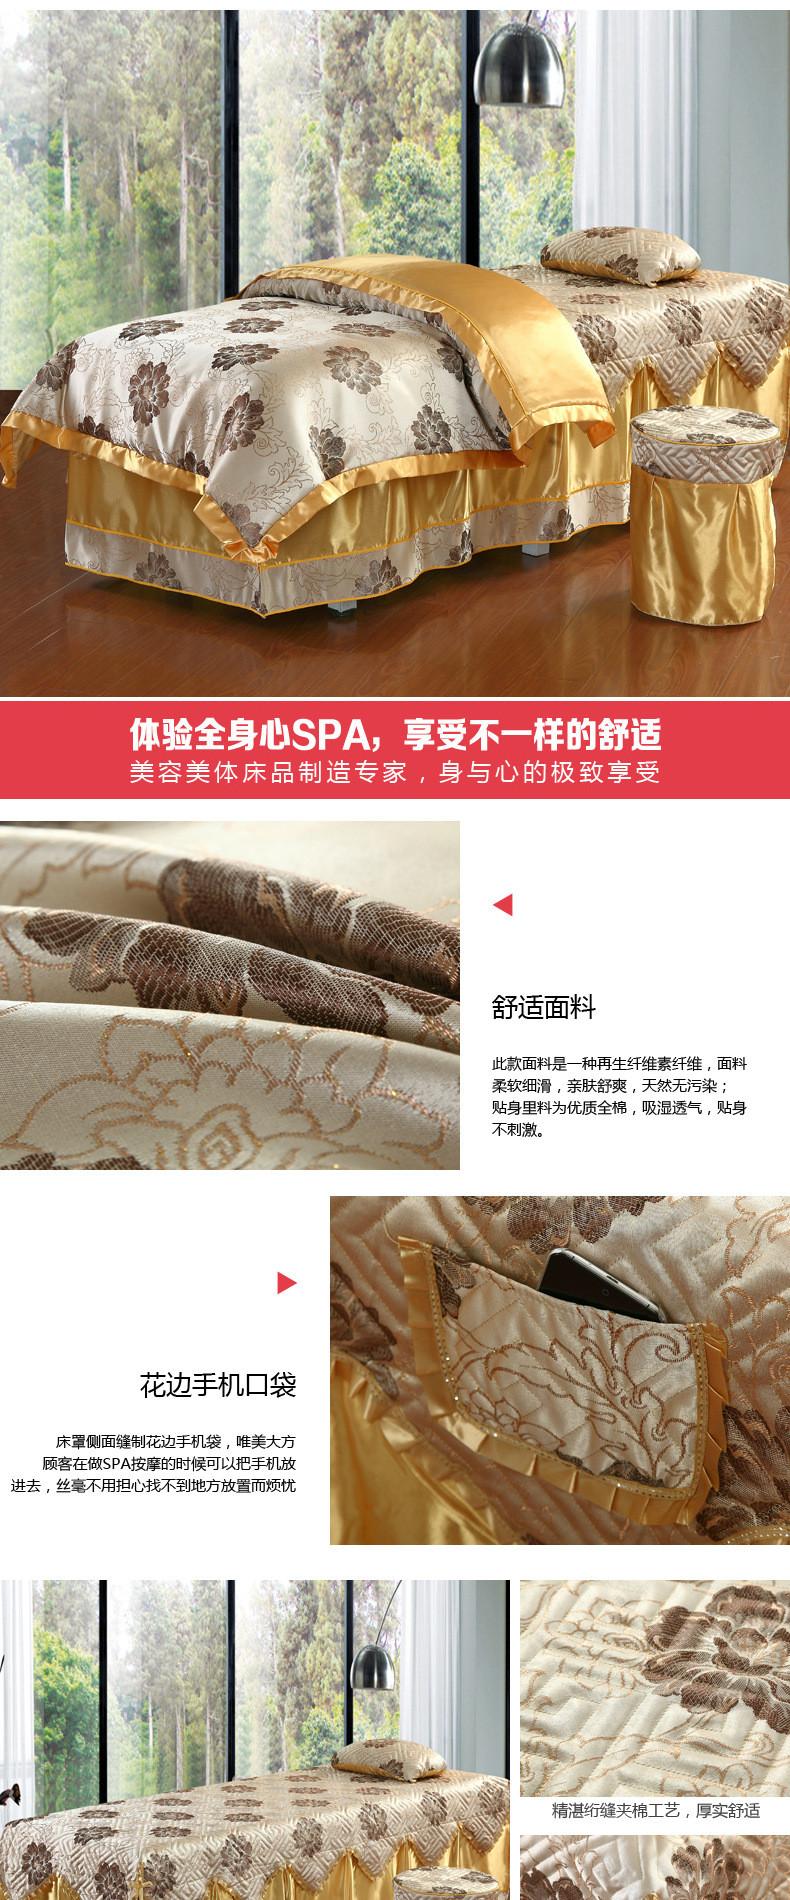 新品 美容床罩四件套 美体按摩床罩 美容院纯棉床上用品支持定做示例图1